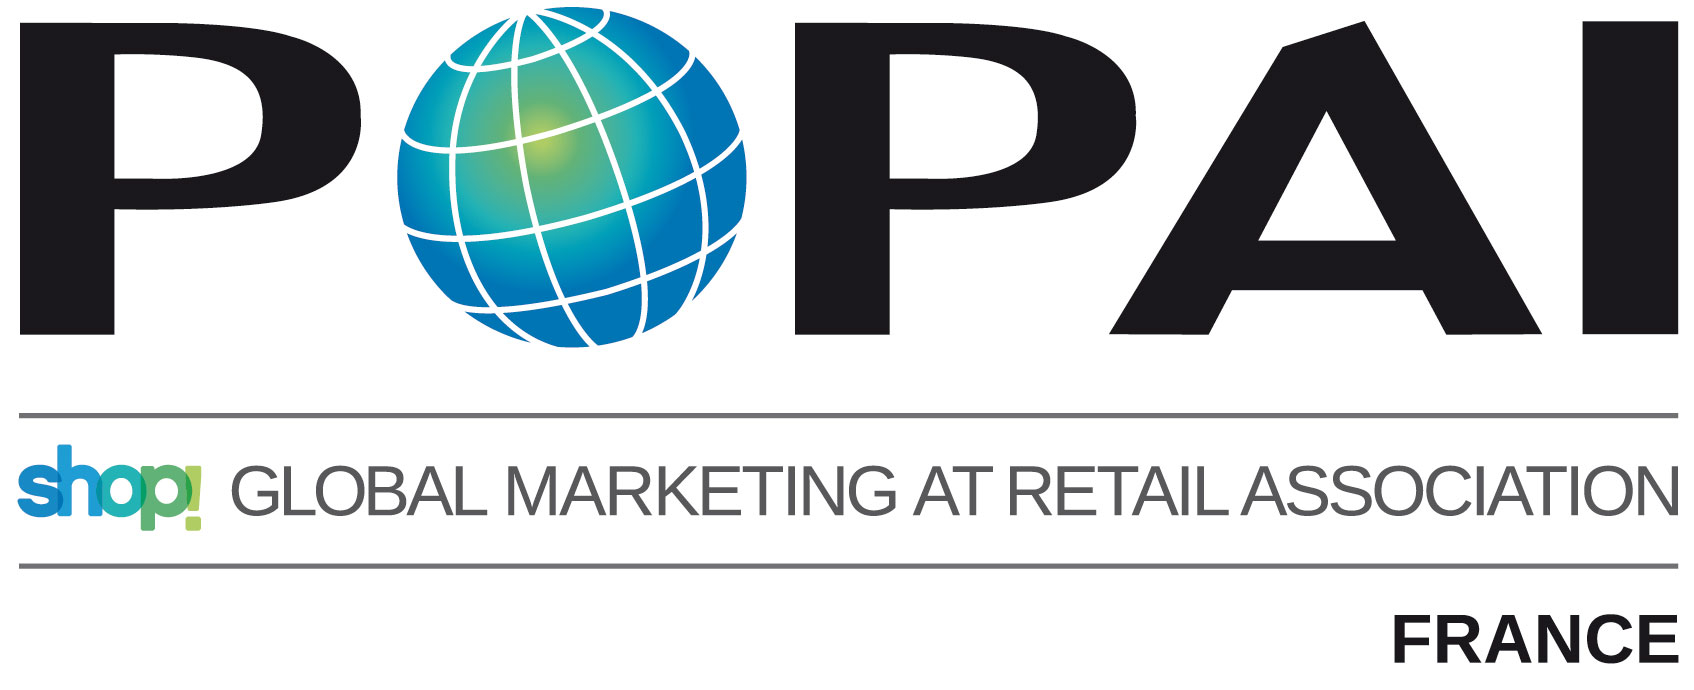 missions-mmm-retail-popai